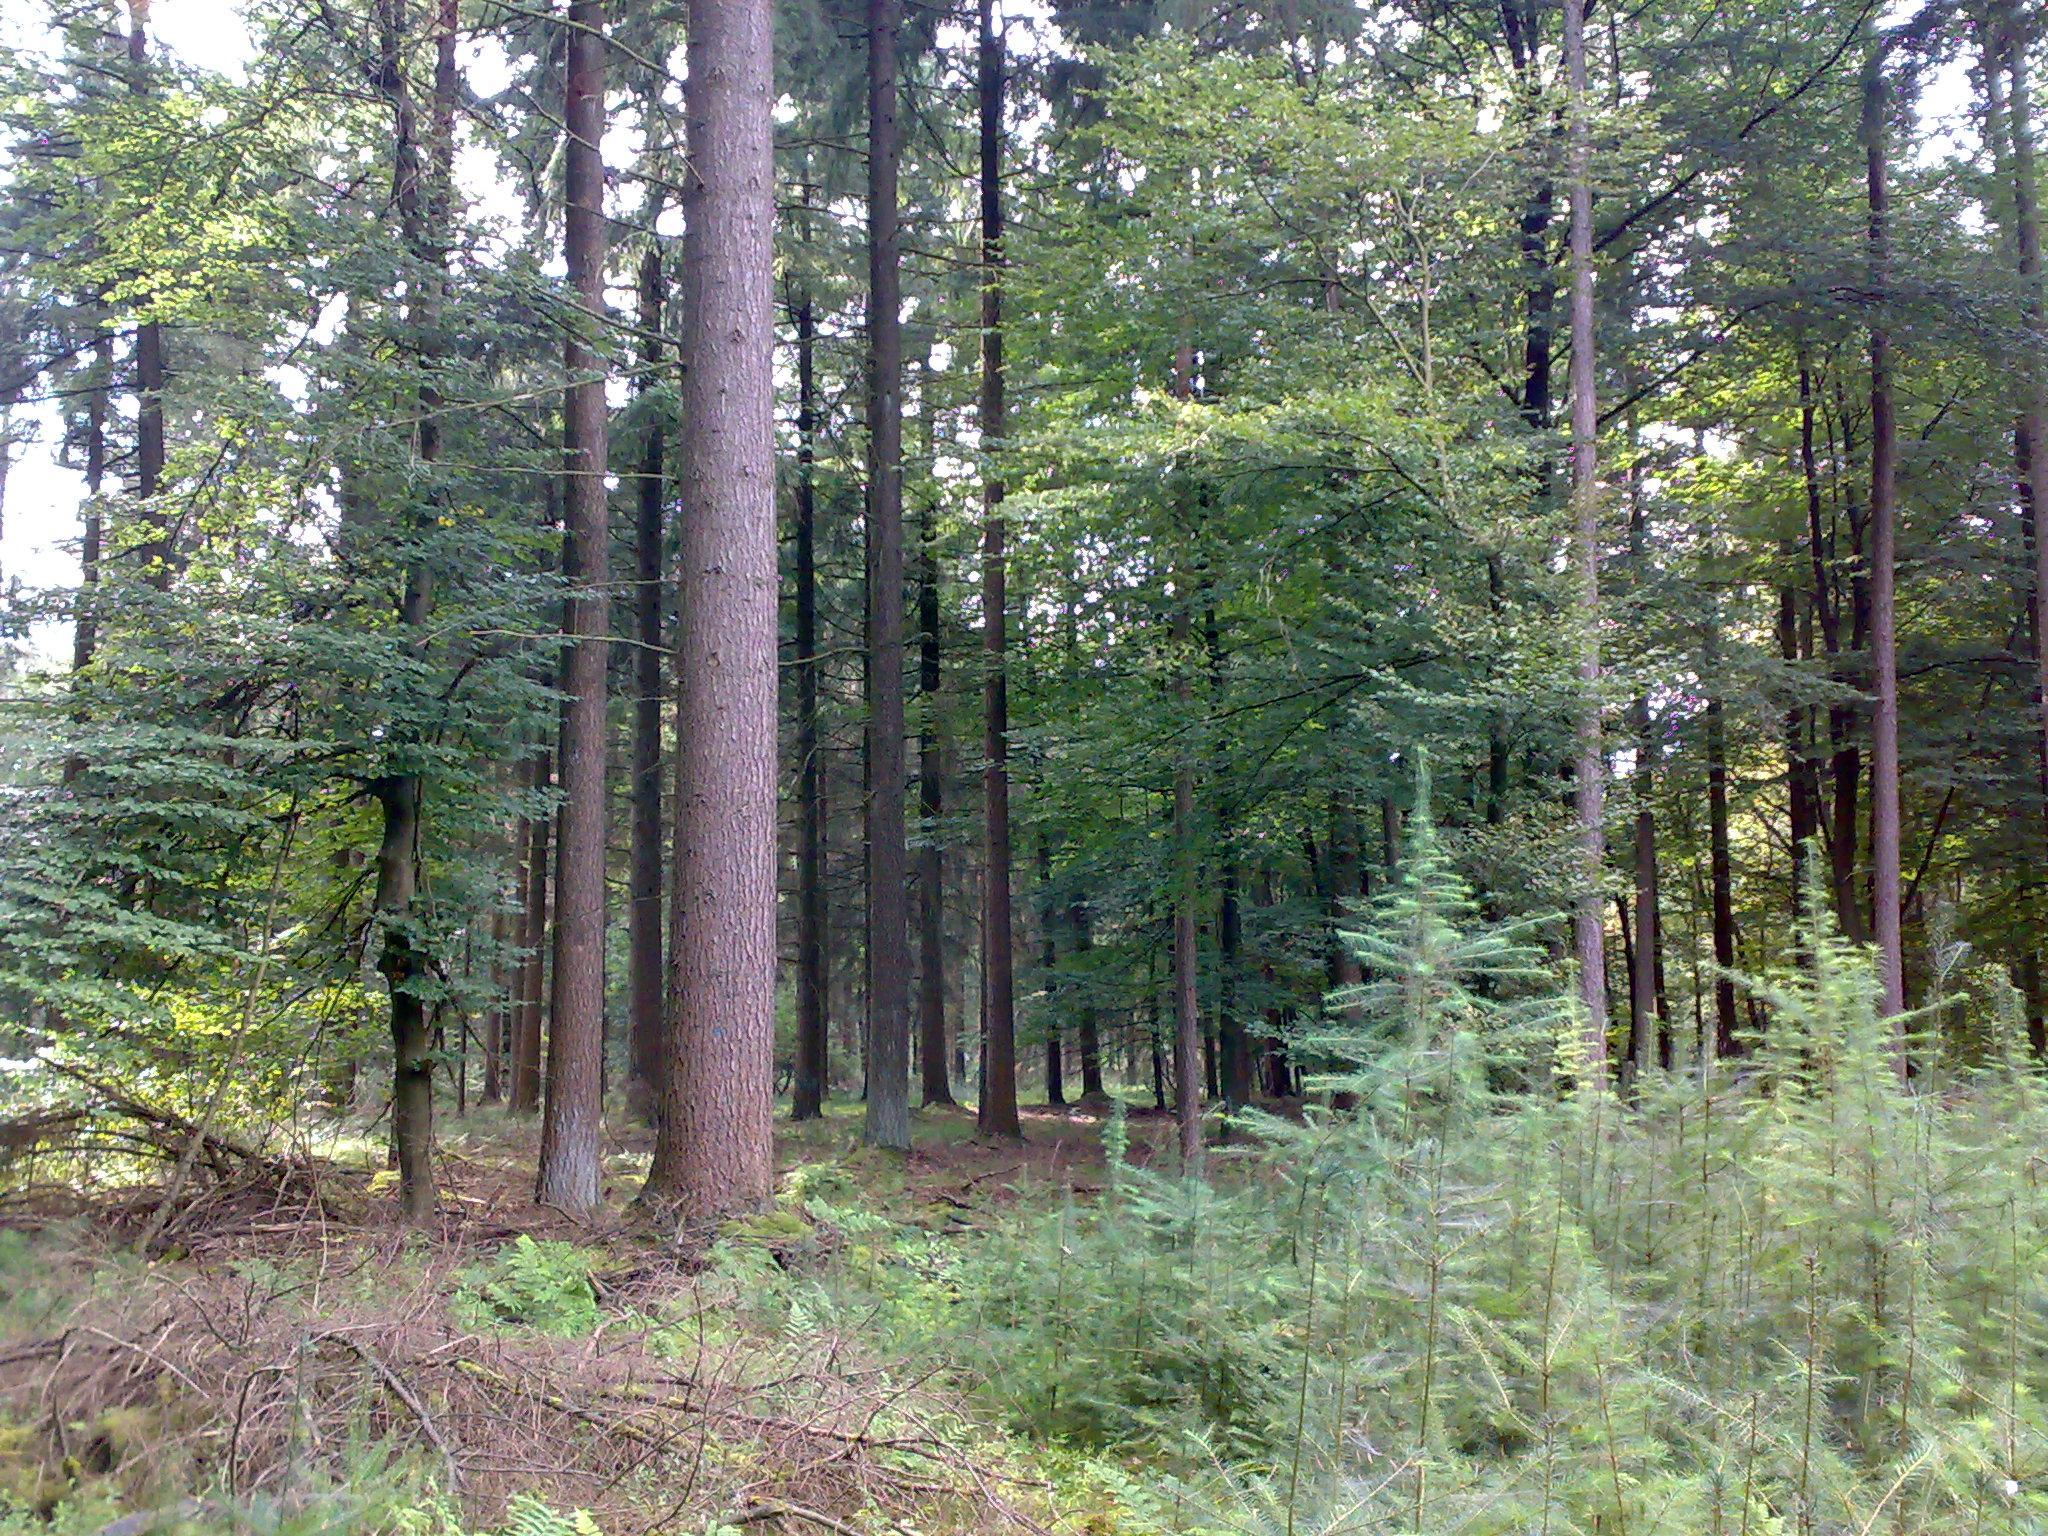 Bij Pro Silva wordt er gestreefd naar gemengde bossen met veel structuurvariatie. Daarnaast wordt er gebruikgemaakt van kleinschalige ingrepen en natuurlijke verjonging.